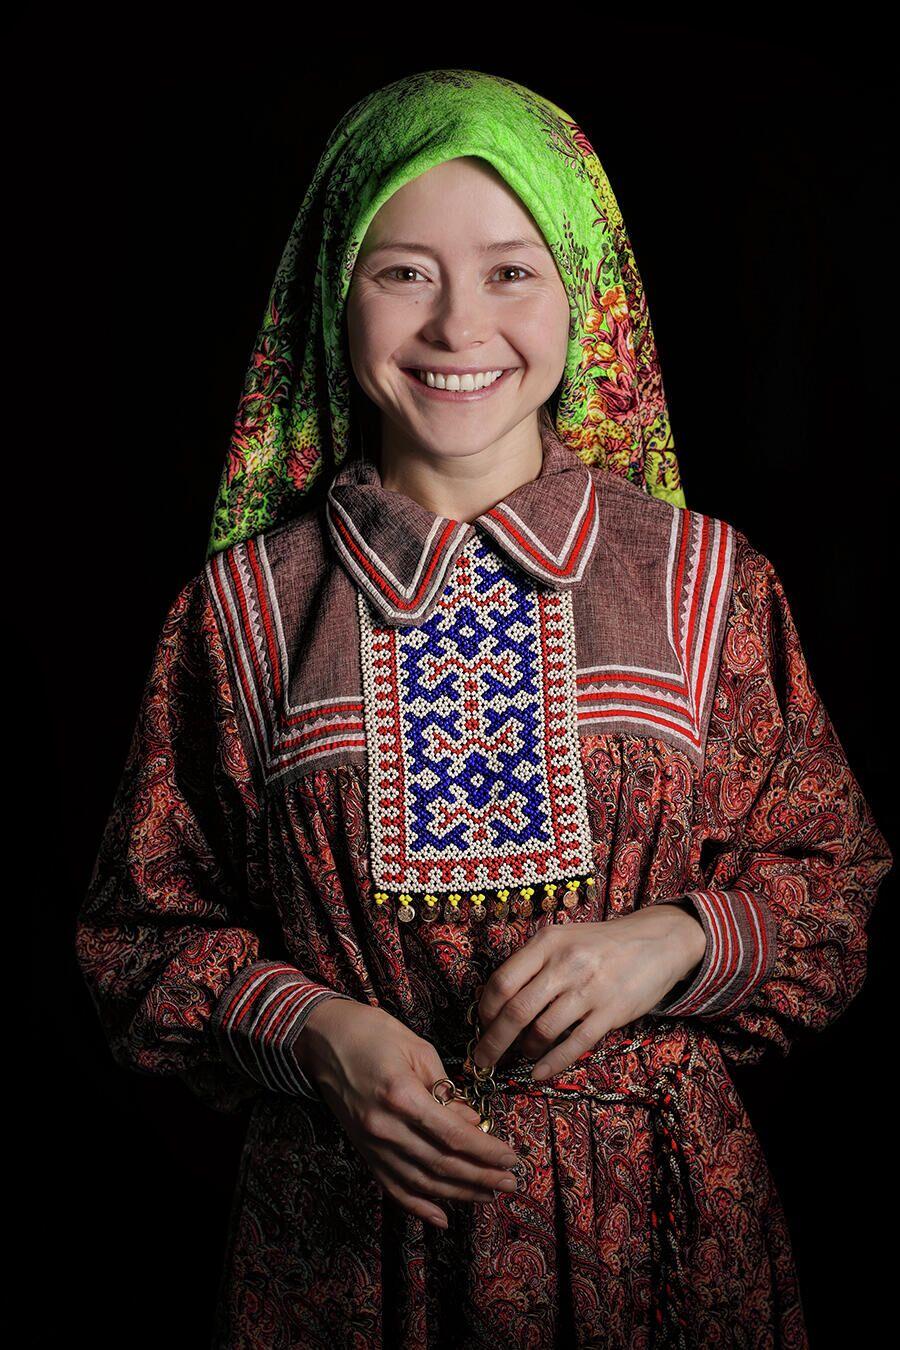 Проект Александра Химушина Мир в лицах. Ханты